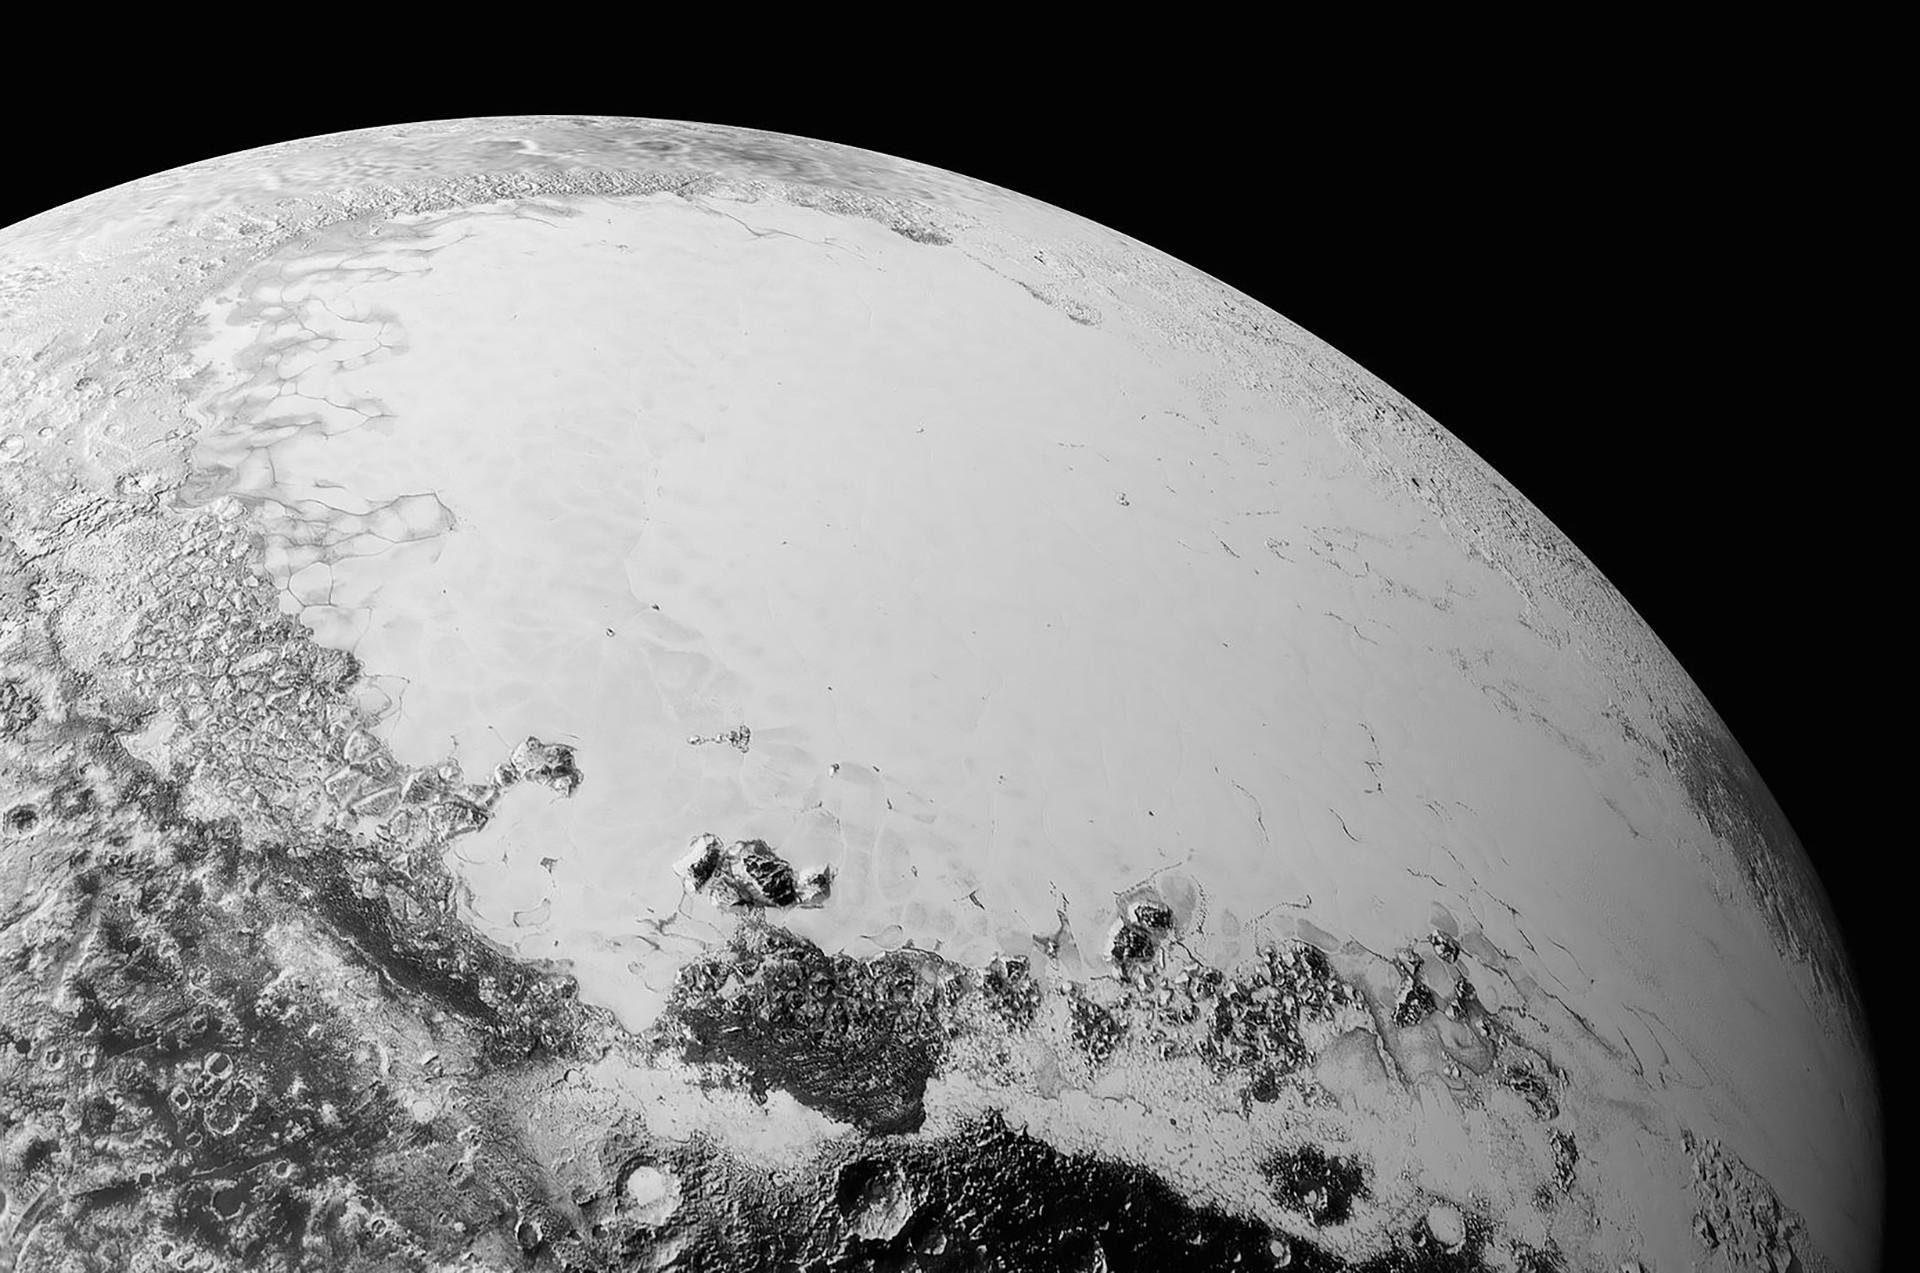 """Uma bacia coberta de gelo em Plutão, a """"Sputnik Planitia"""", foi nomeada em homenagem ao primeiro satélite."""